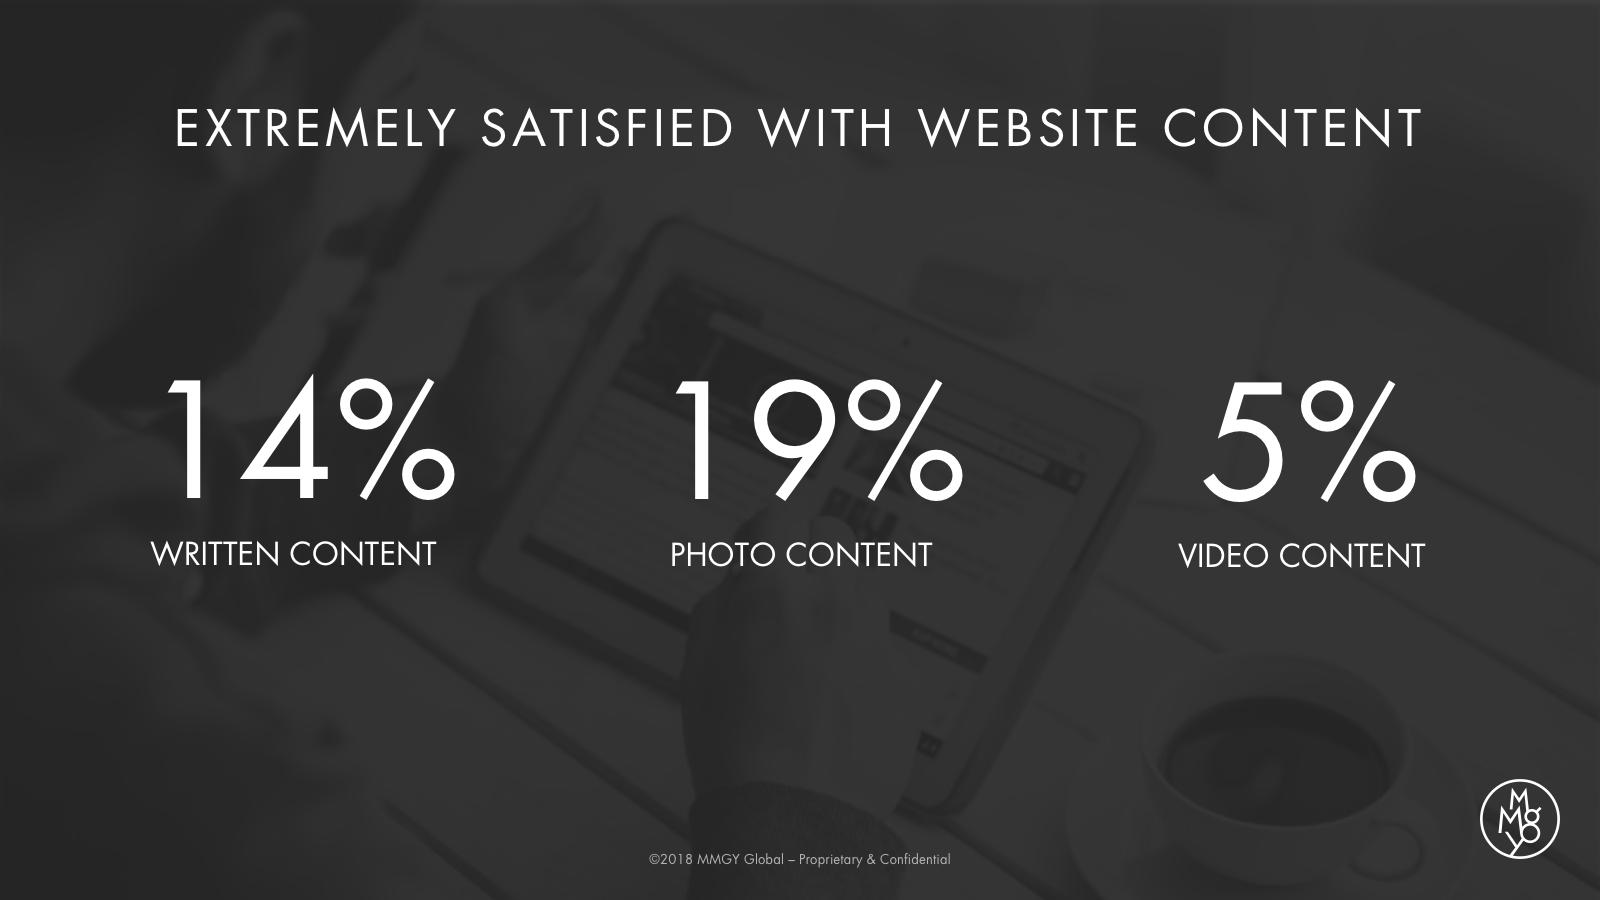 Website Content Satisfaction Statistics